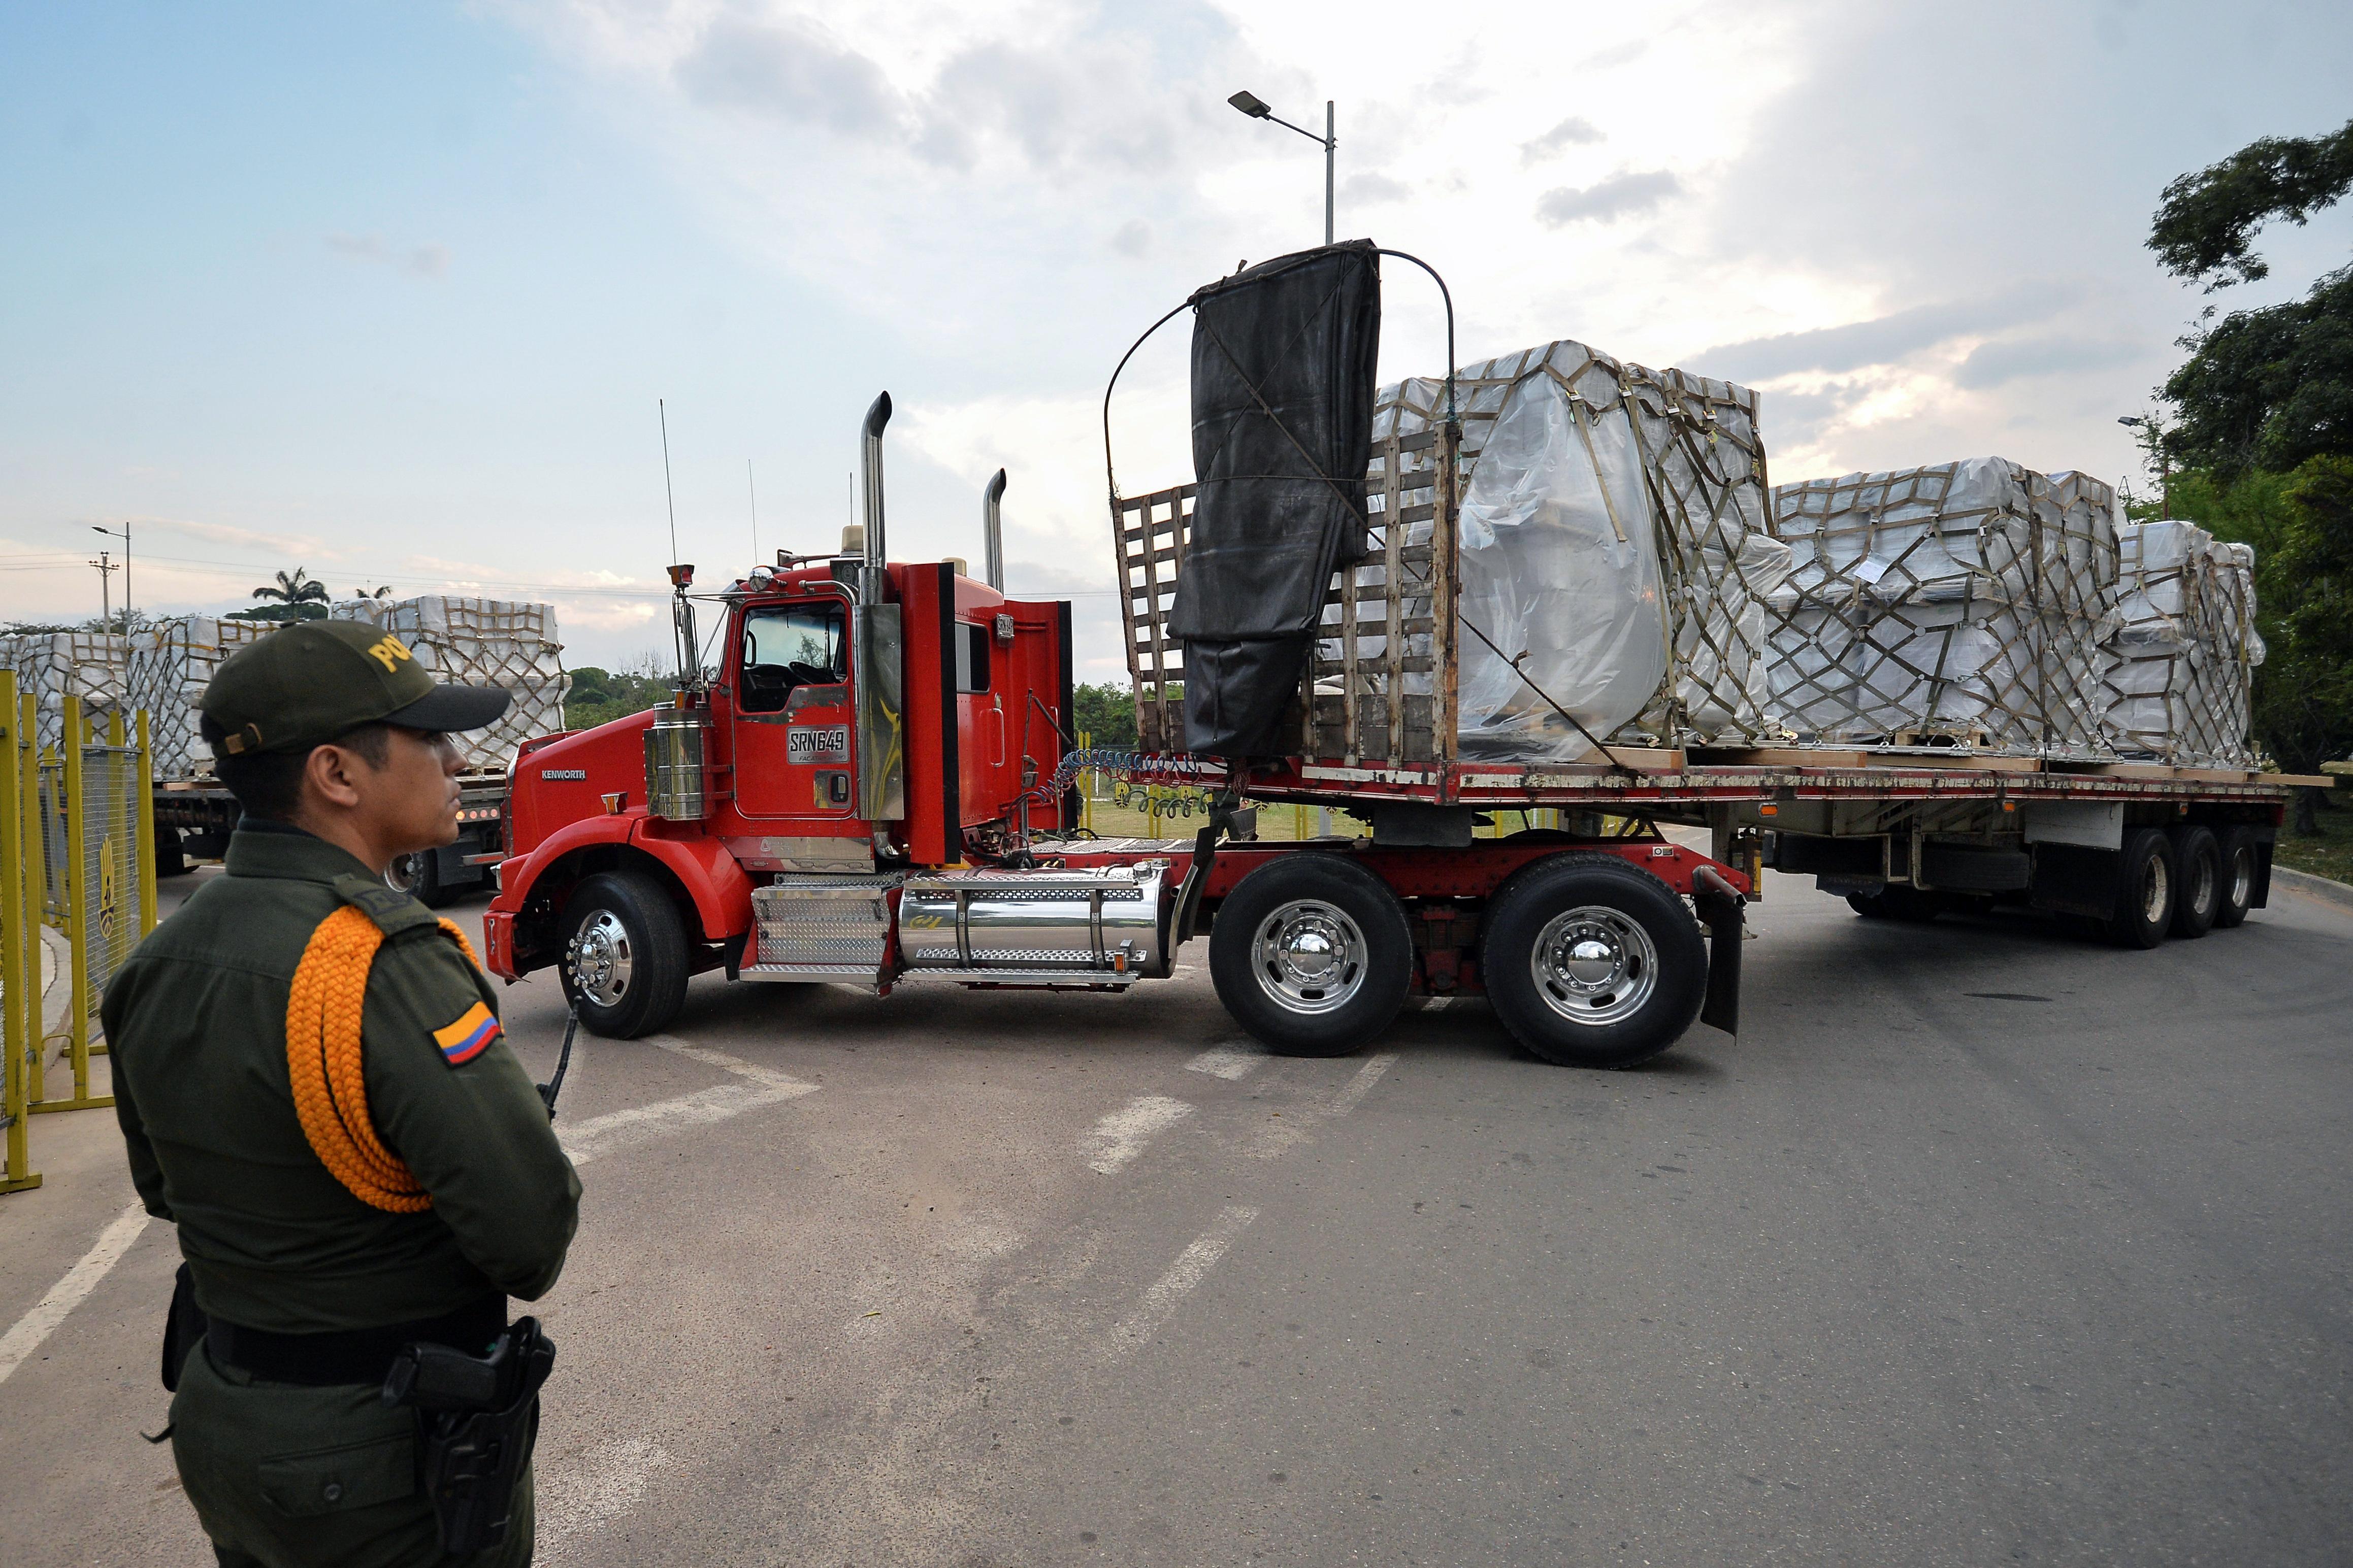 شاحنات محملة بالإغاثة على الحدود بين كولومبيا وفنزويلا